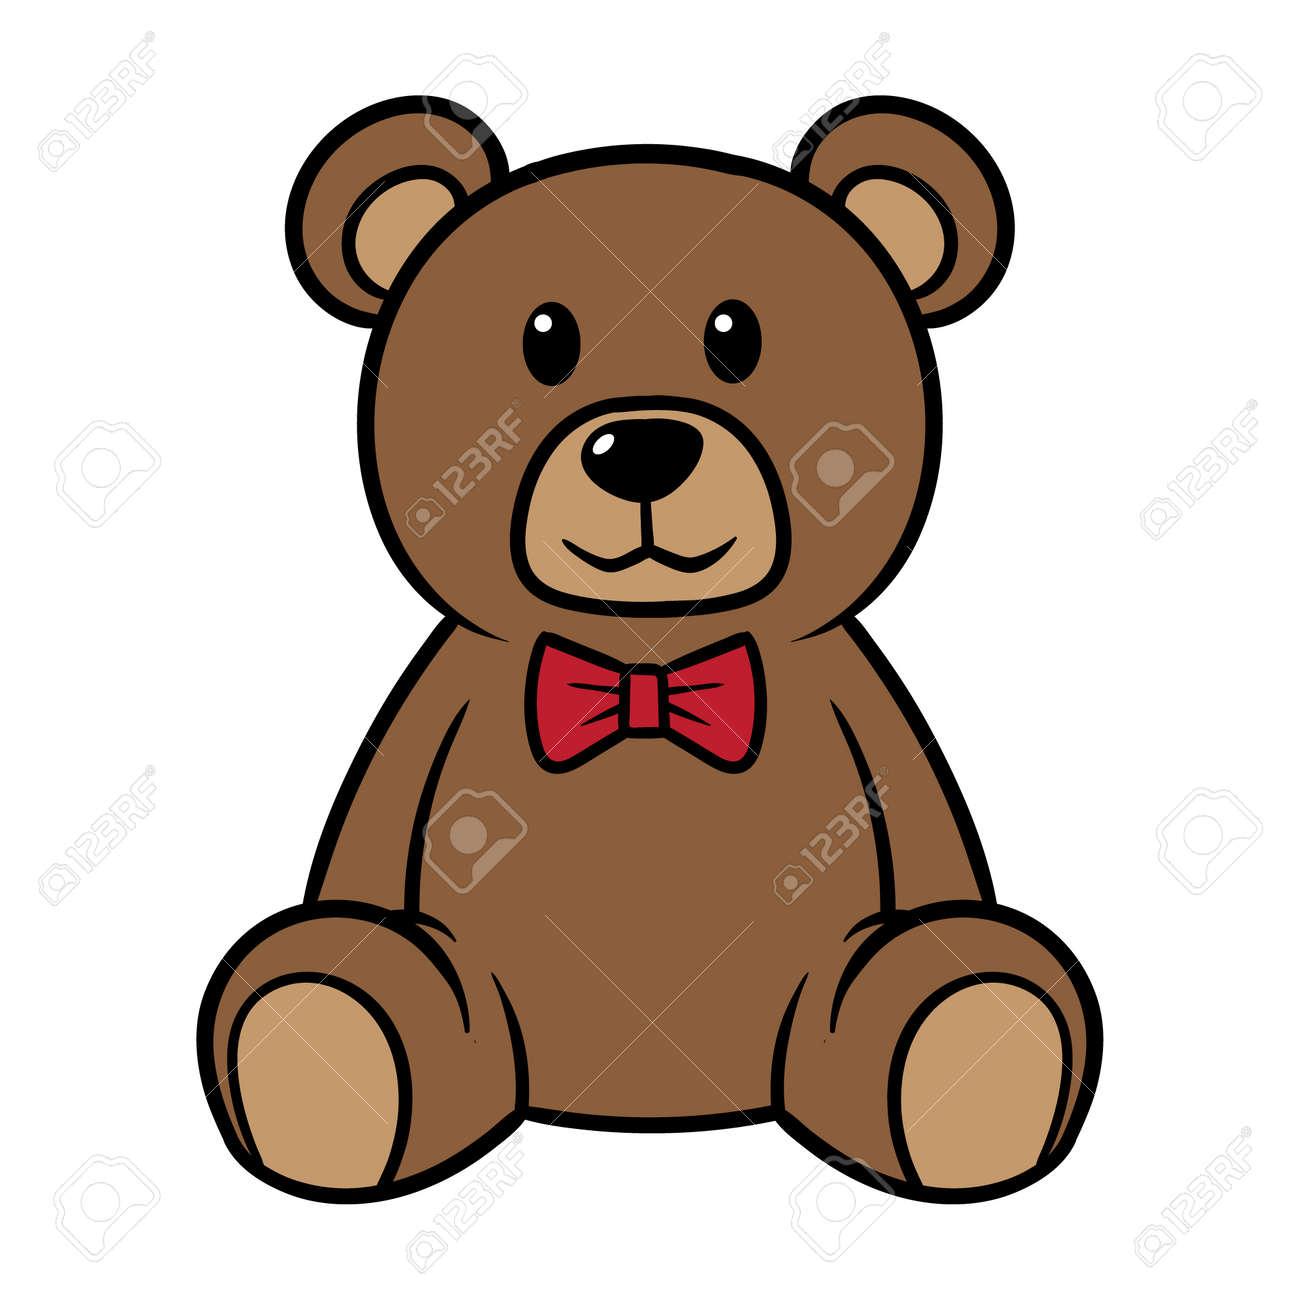 cartoon teddy bear vector illustration royalty free cliparts rh 123rf com teddy bear vector icon teddy bear vector silhouette